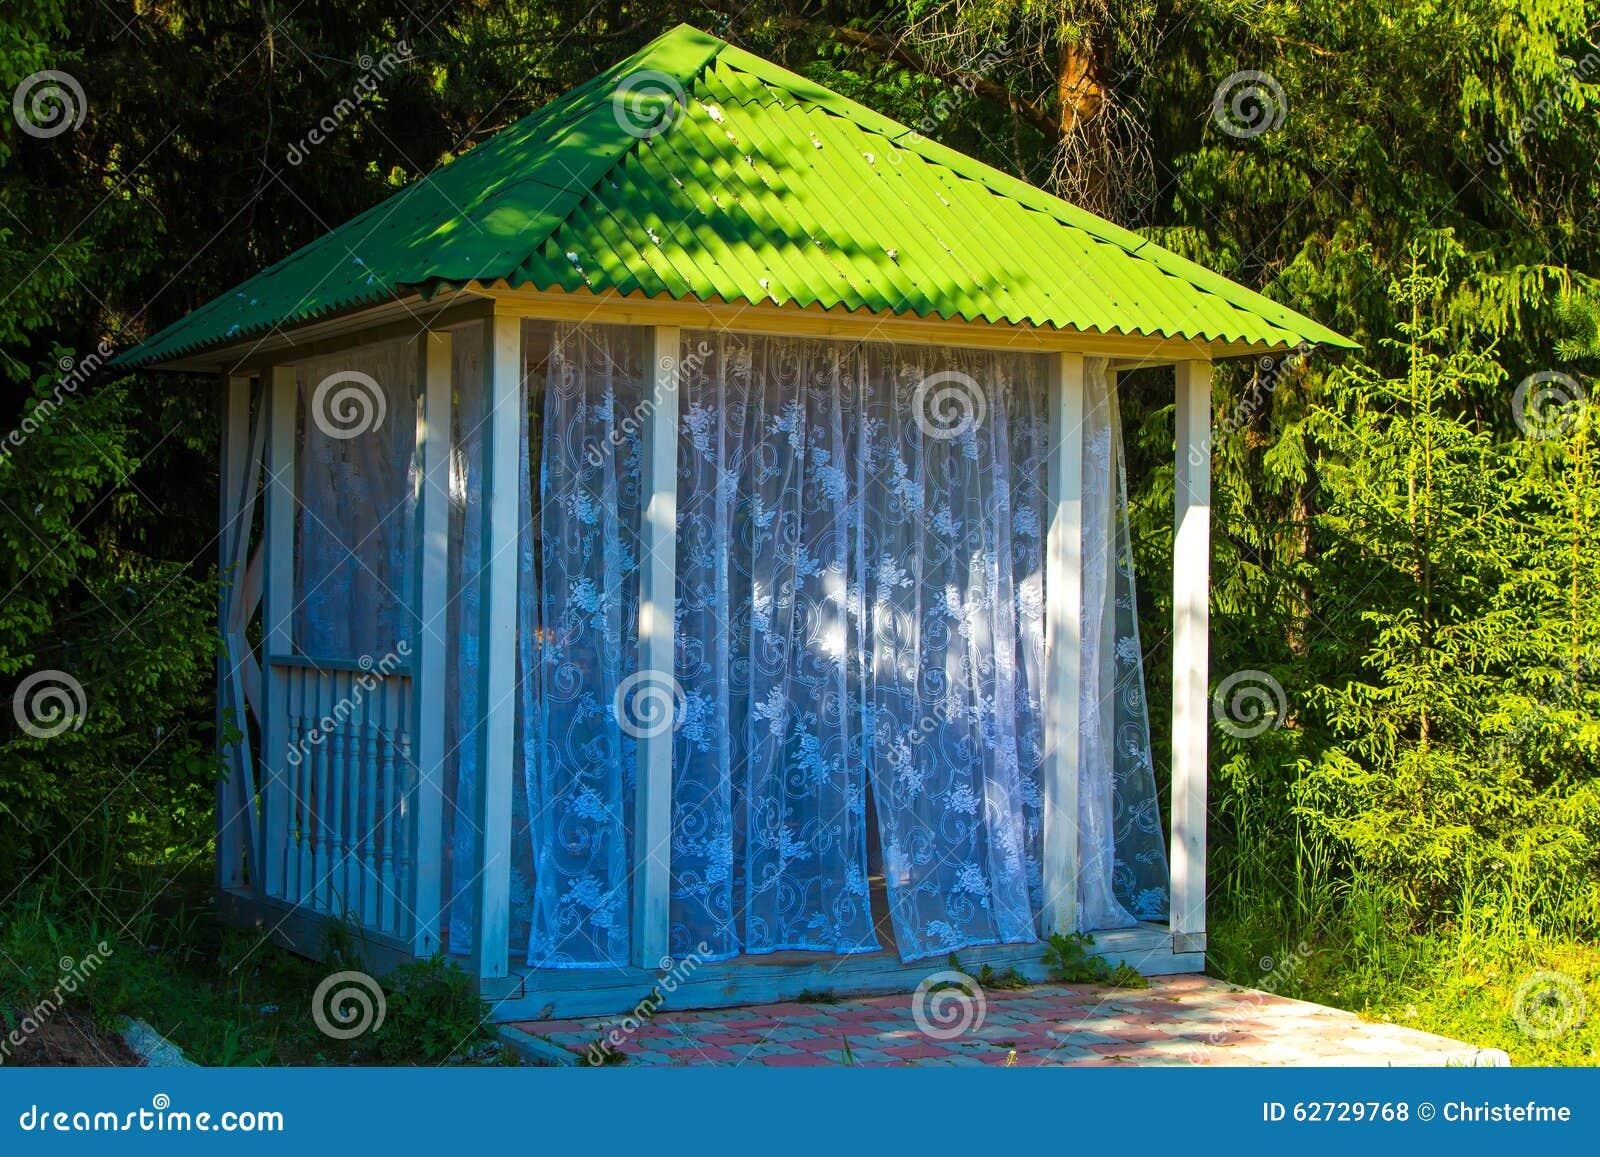 Petite tonnelle d 39 t avec des rideaux photo stock image - Petite tonnelle de jardin ...